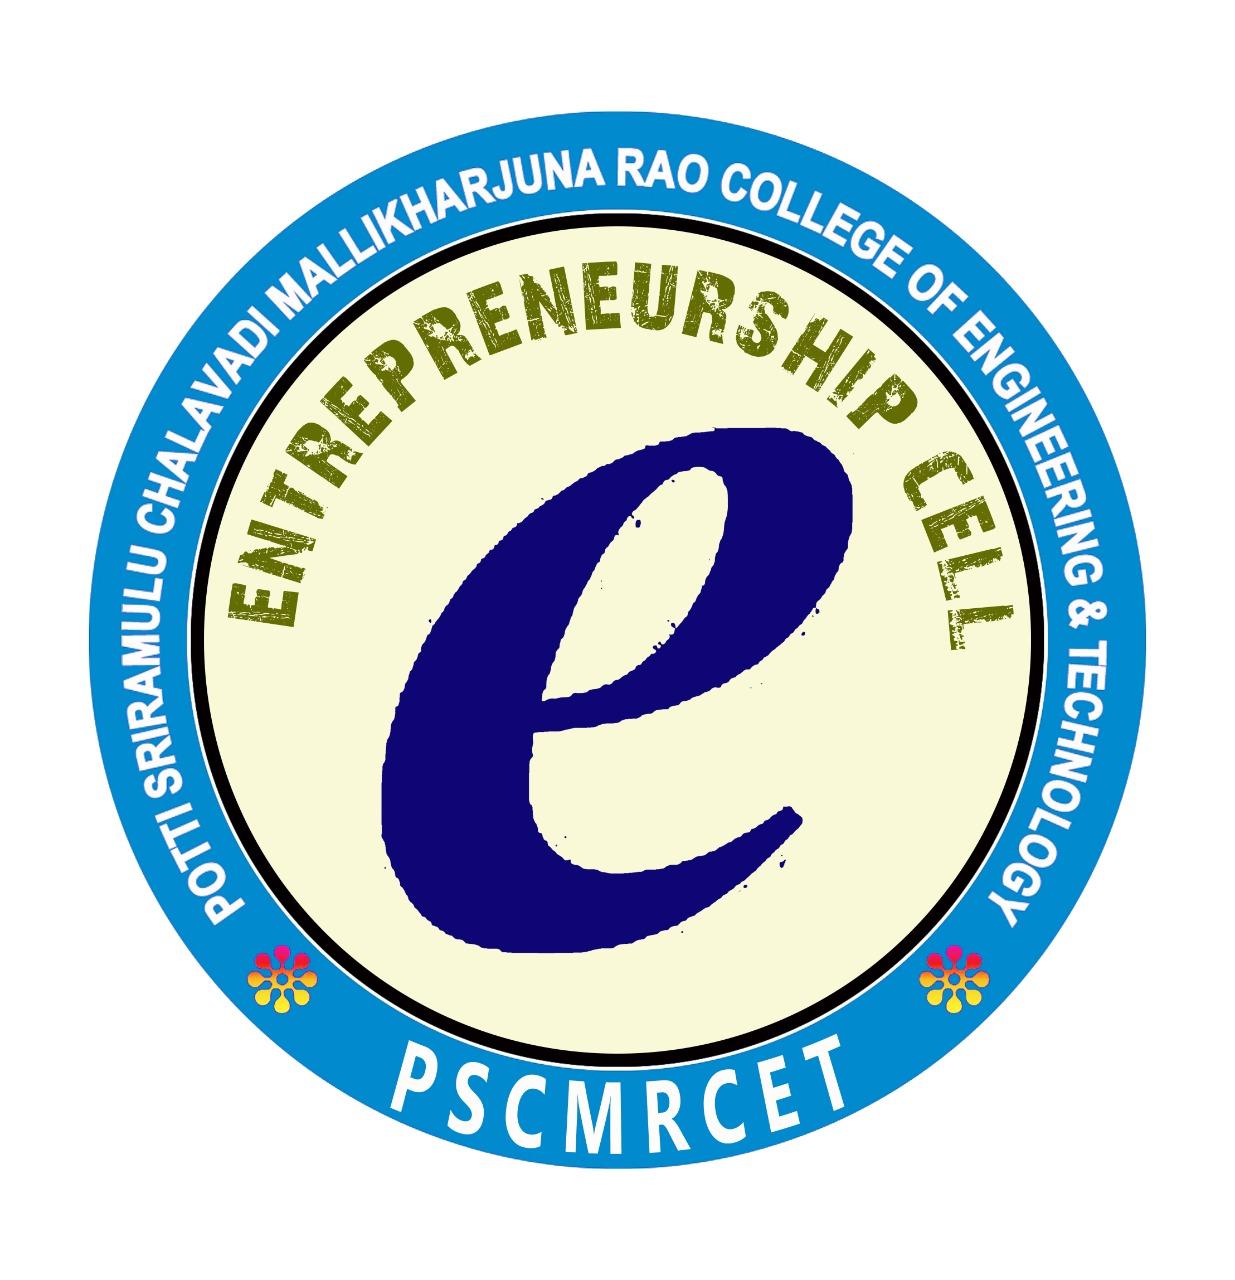 PSCMRCET Entrepreneurship Cell